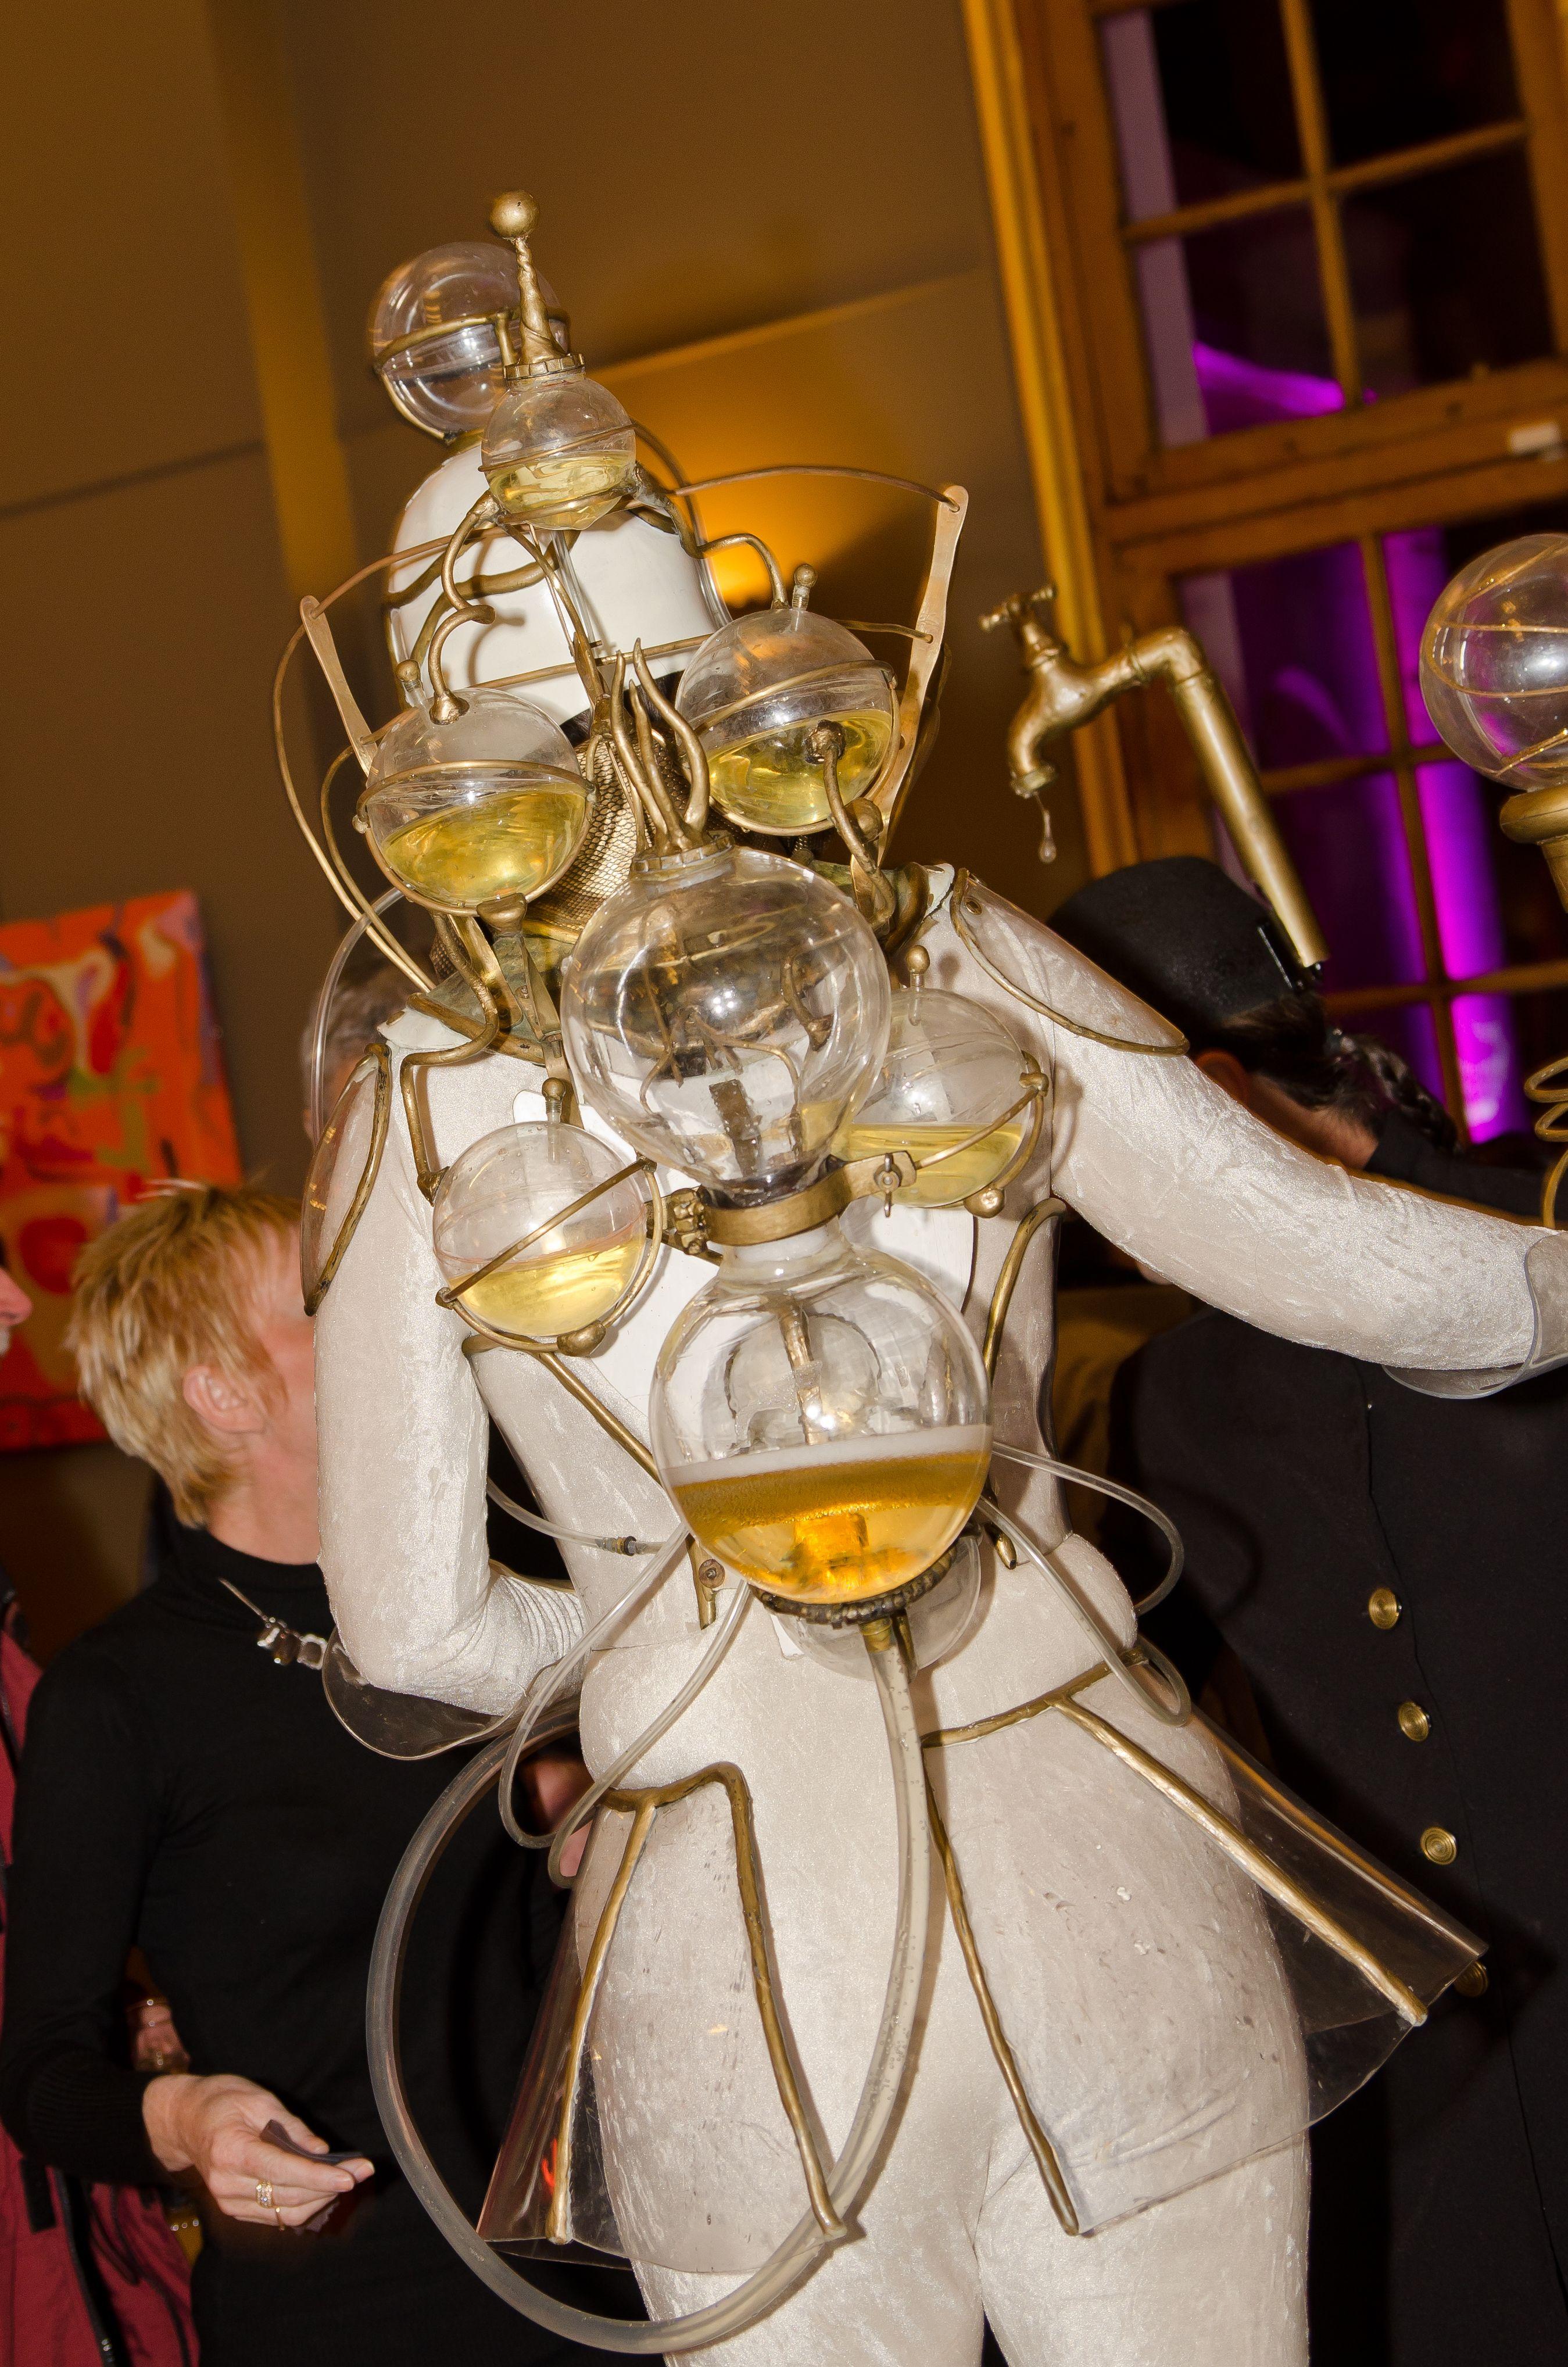 Une porteuse de Champagne très originale !